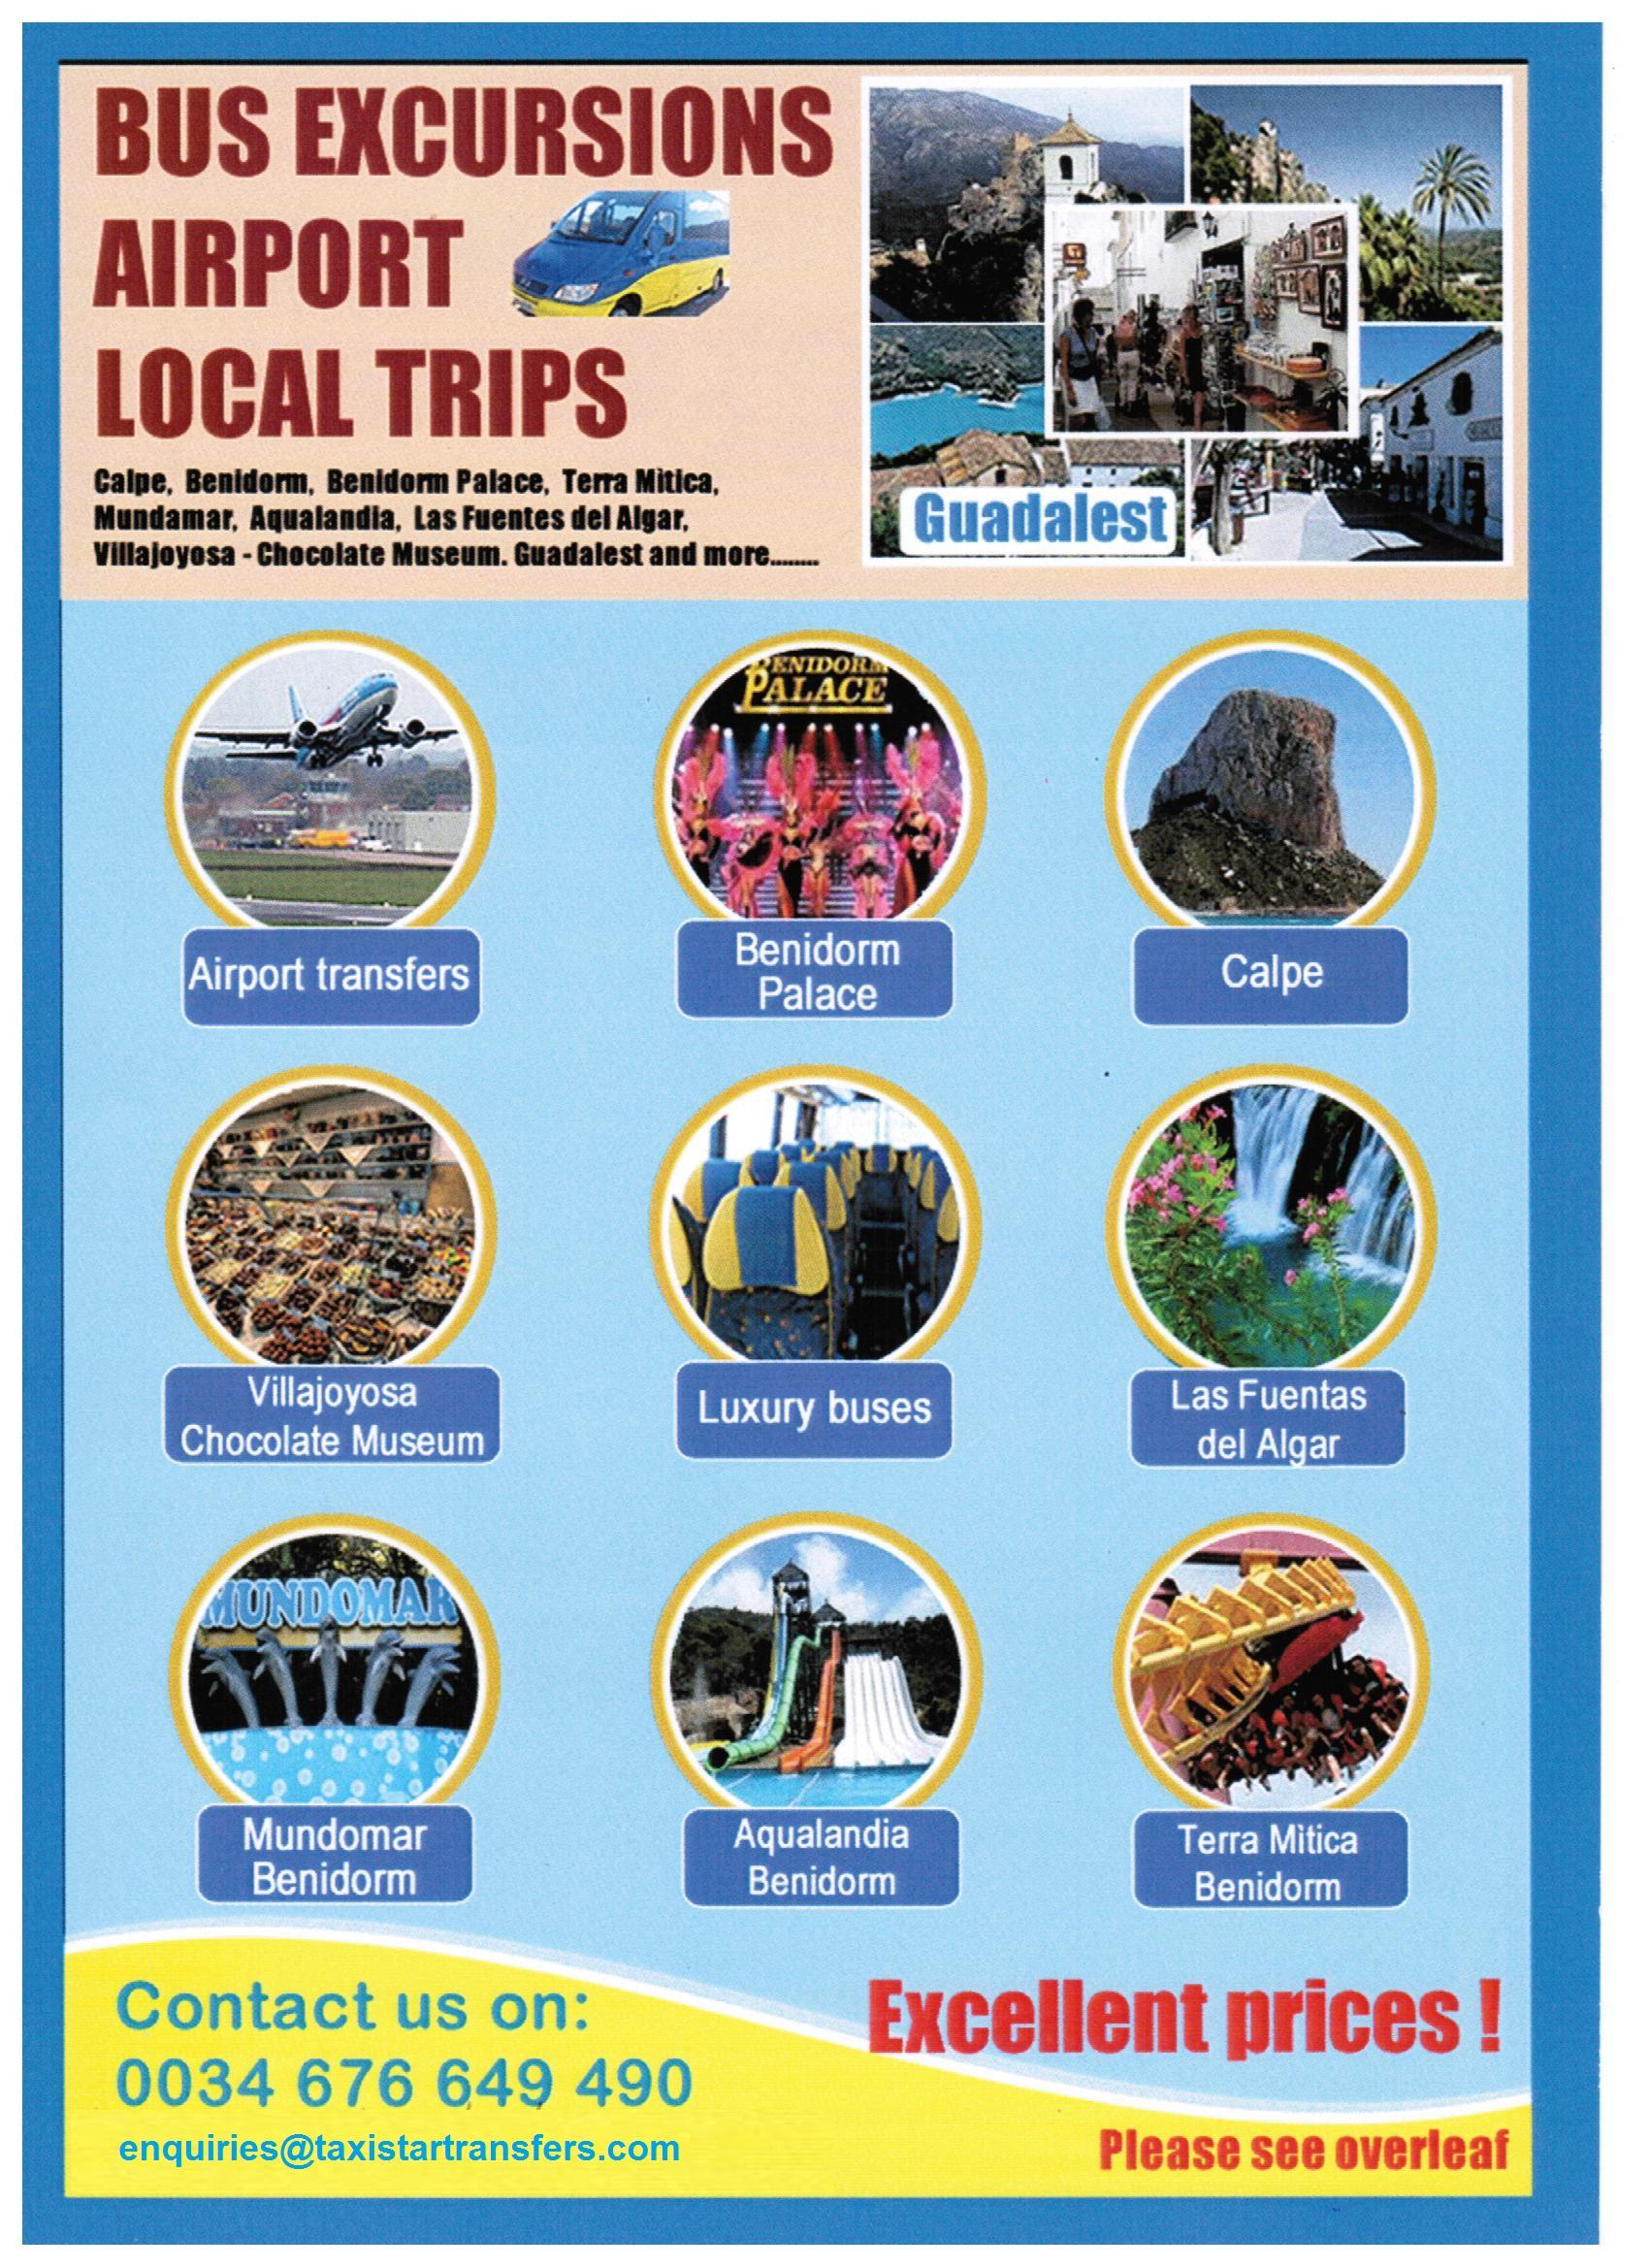 Taxistar Transfers Excursions-Excursiones